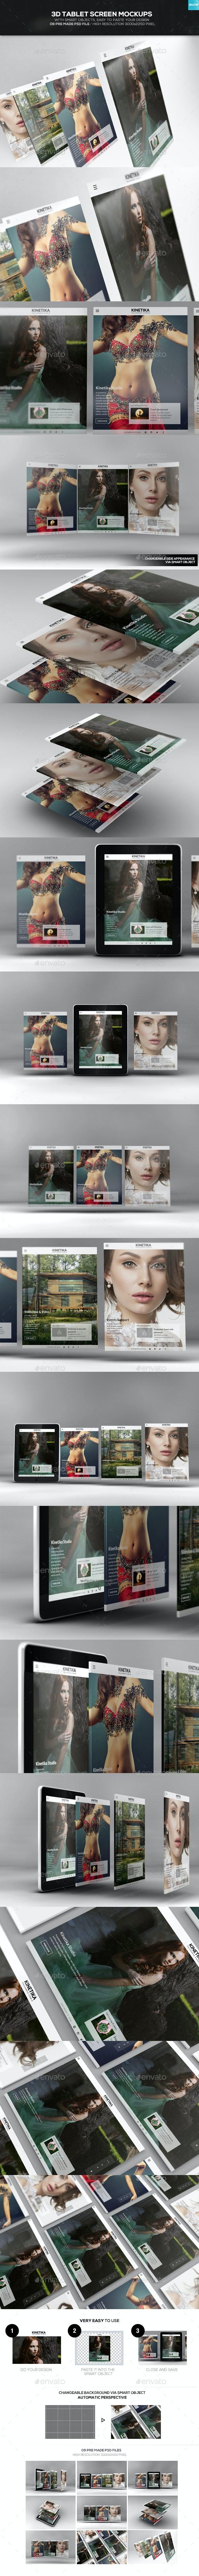 3D Tablet Screen Mockups - Mobile Displays